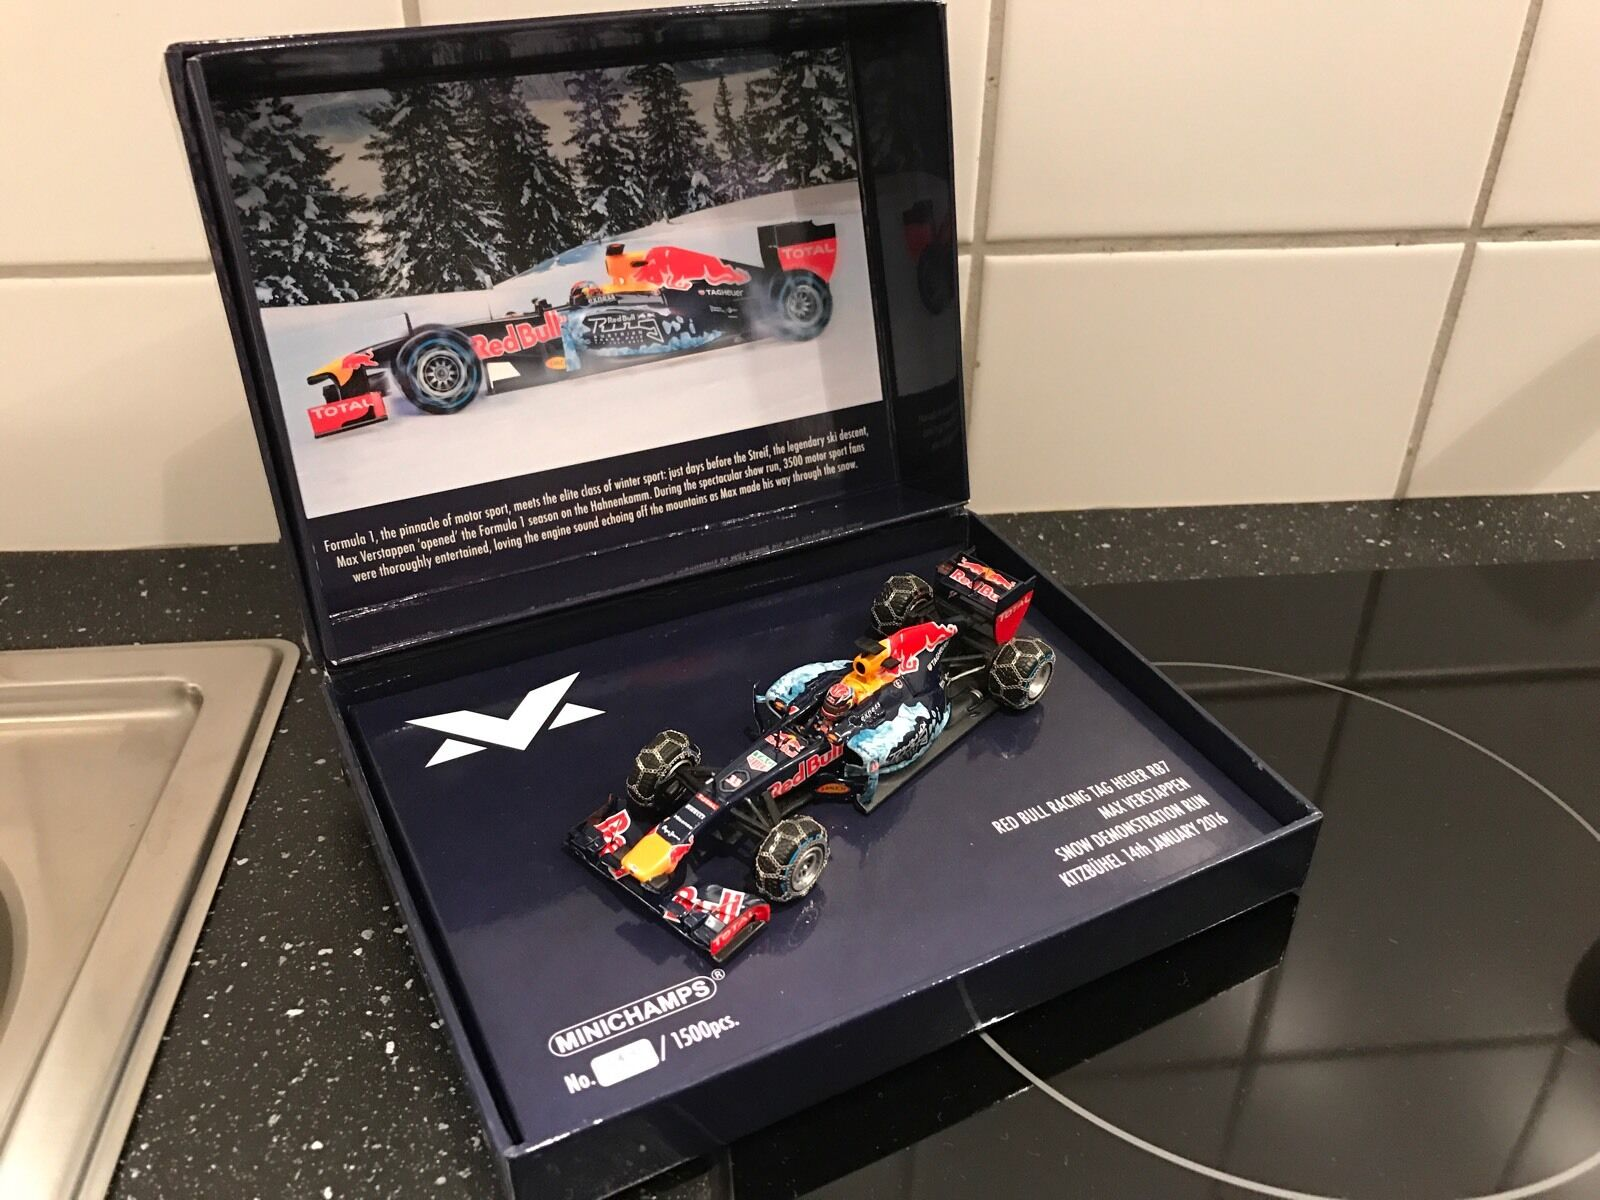 Max Verstappen Red Bull 1:43 demo Snow Run 2016 Ltd Edition Kitzbühel  NOUVEAU & NEUF dans sa boîte | Laissons Nos Produits De Base Aller Dans Le Monde